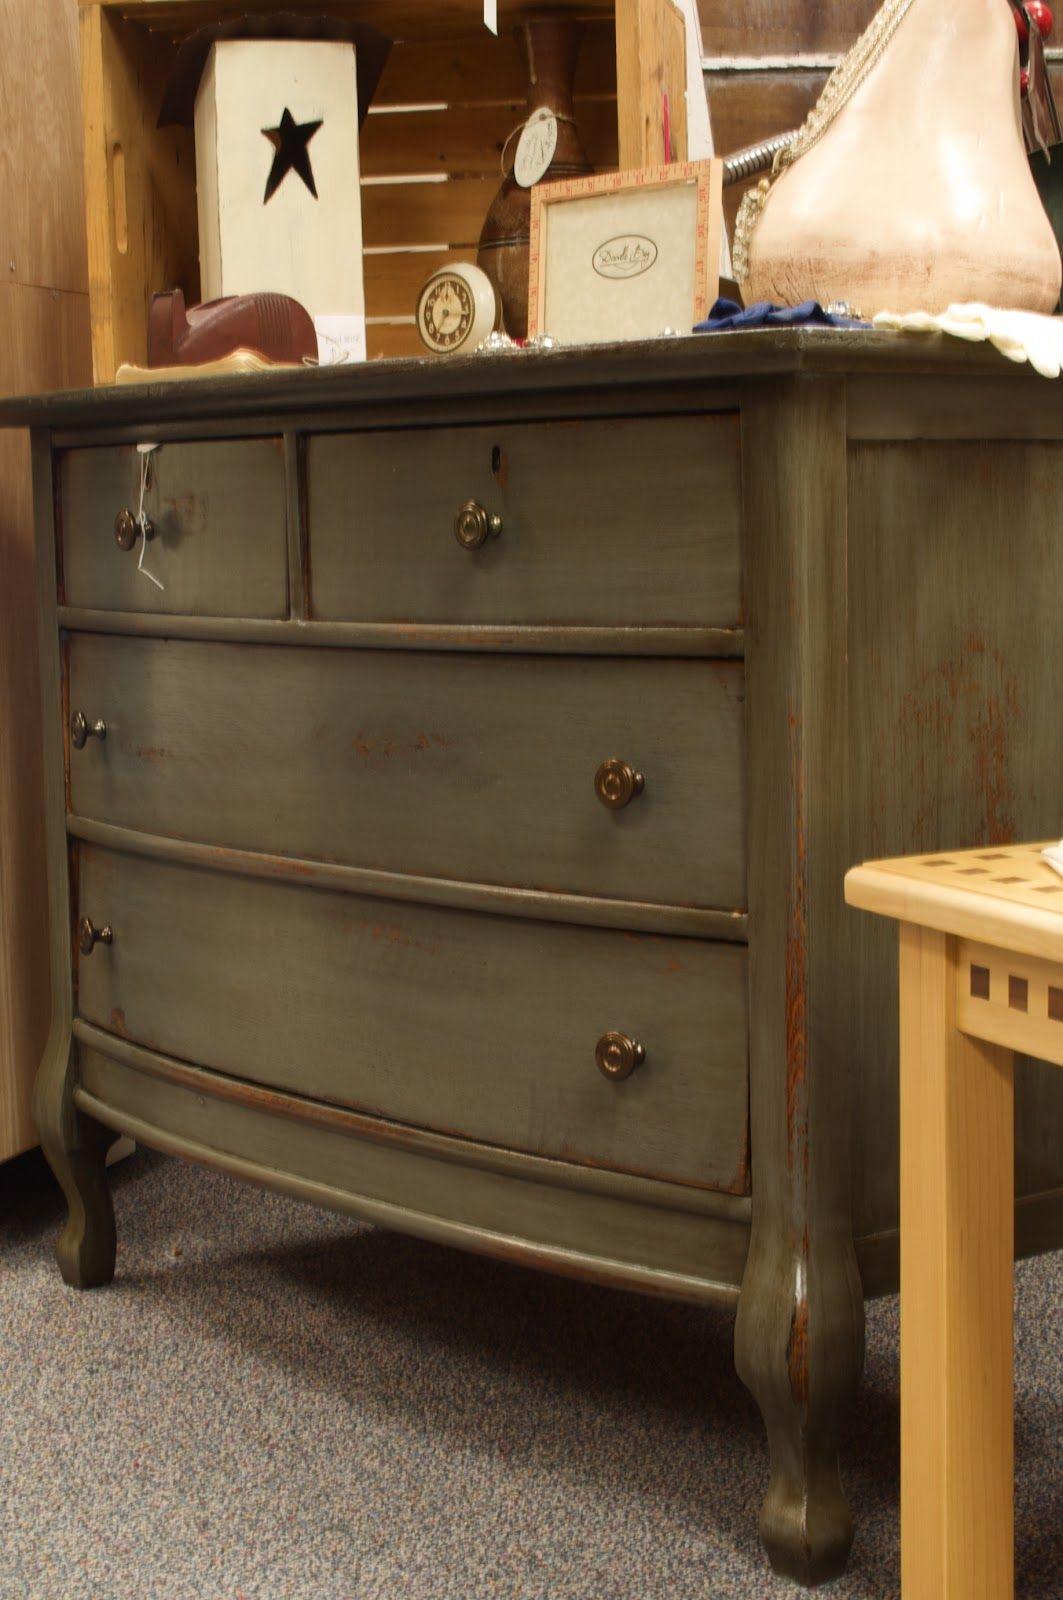 Best Doodle Bug Distressed Antique Dresser Paint Stain 640 x 480